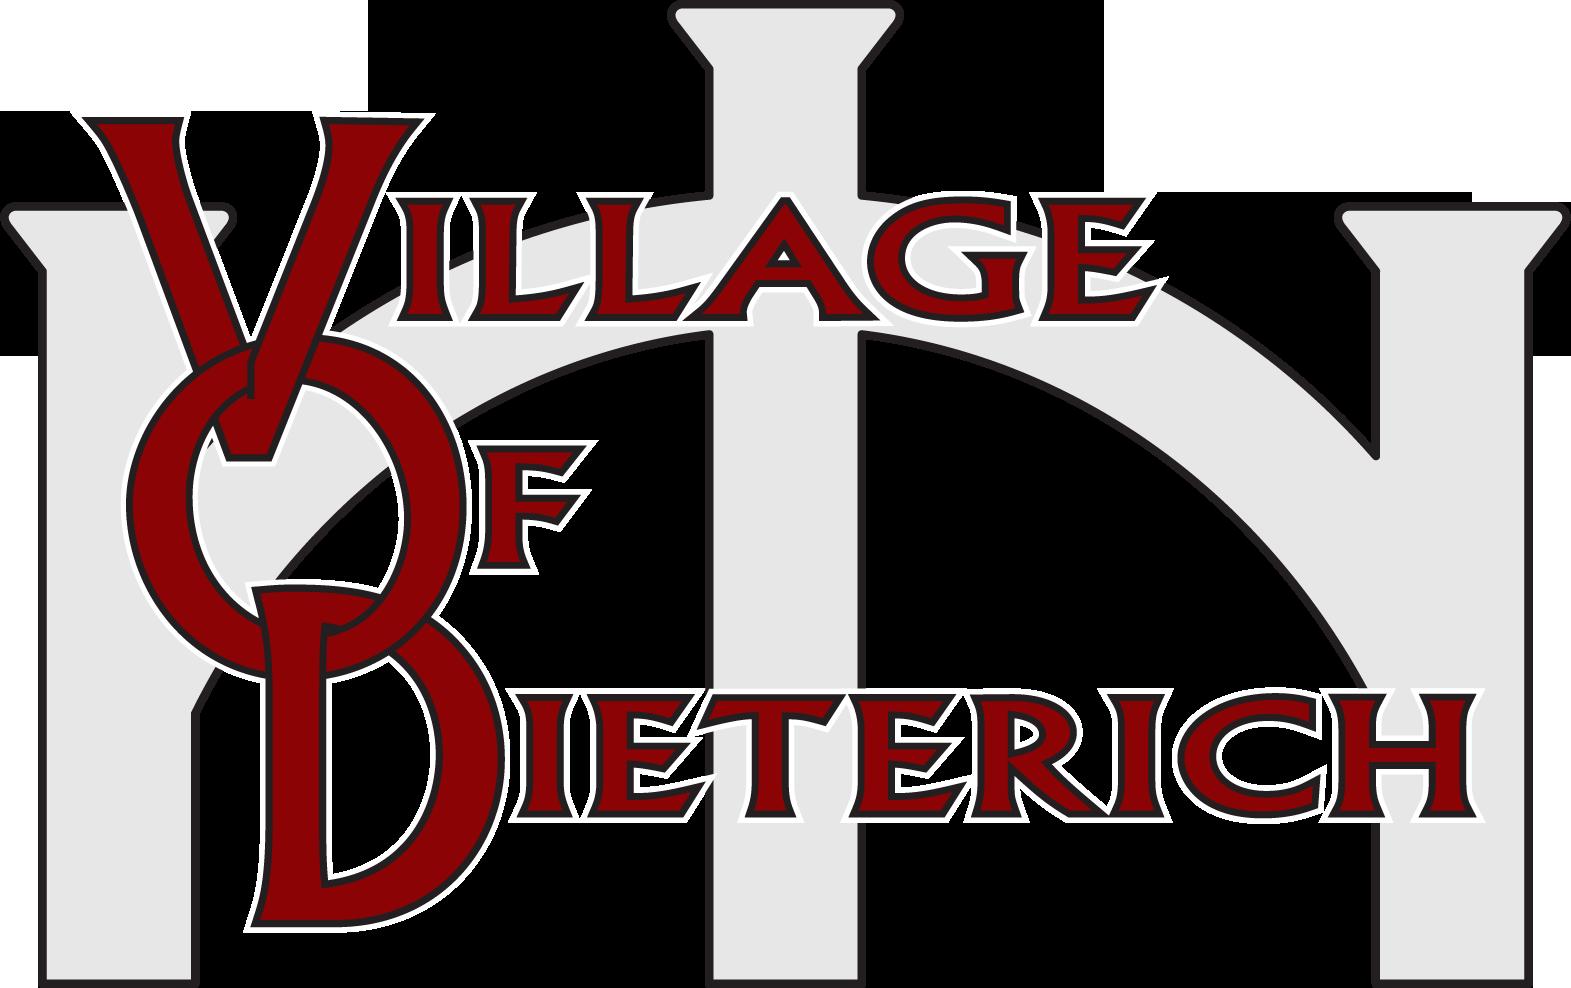 Village of Dieterich